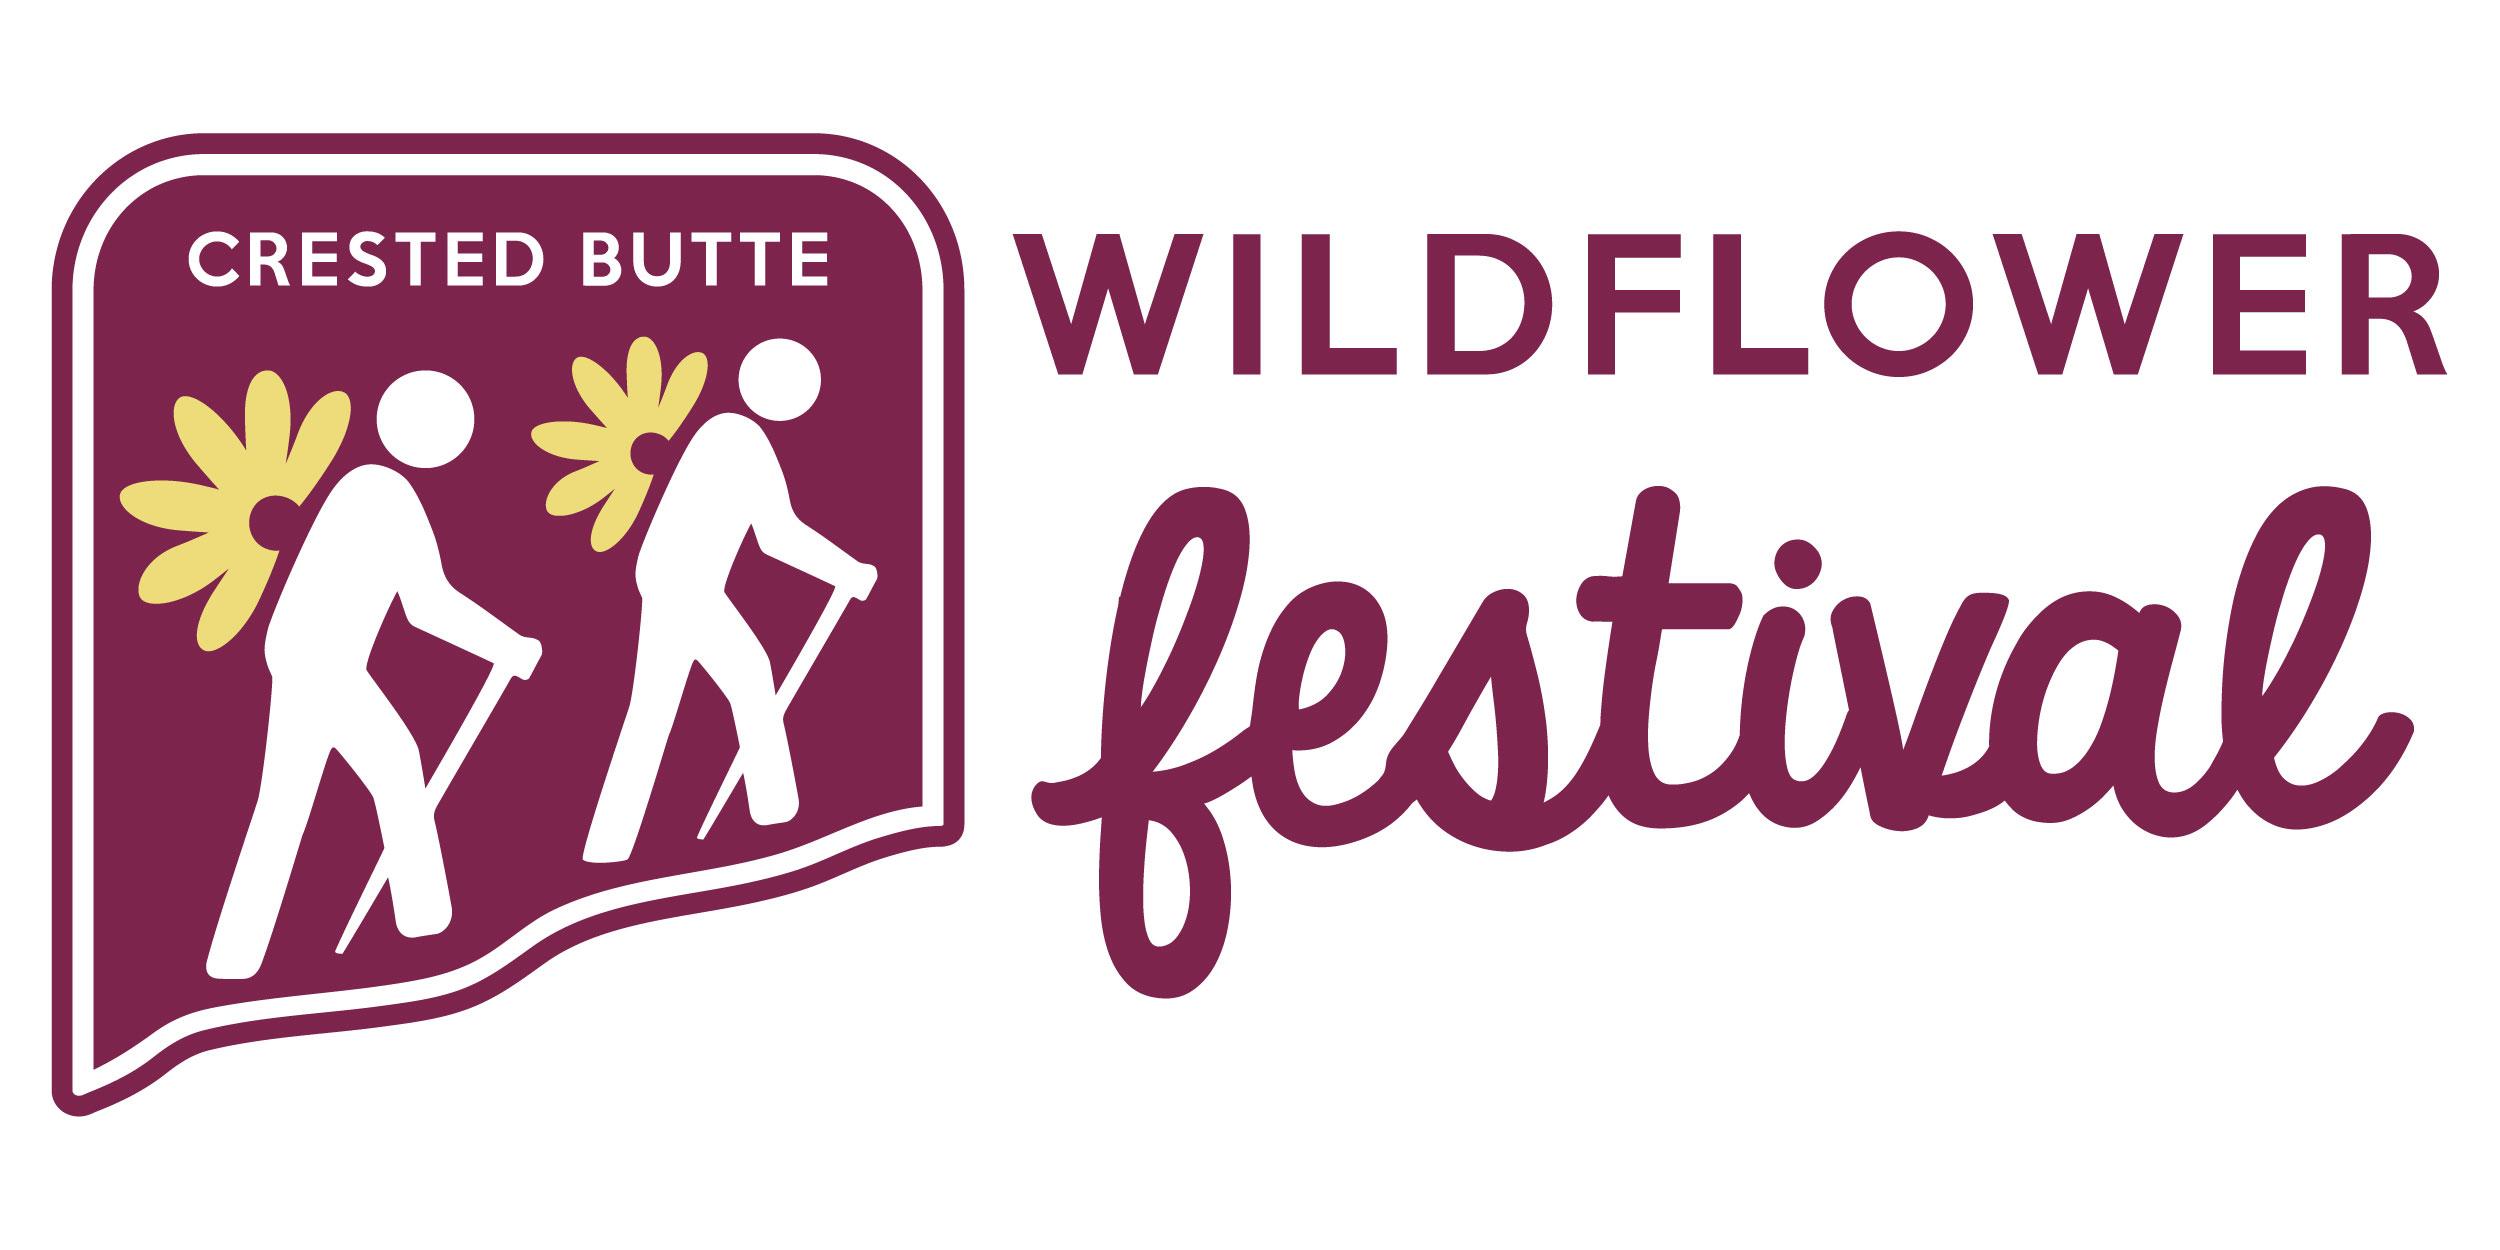 Feature: https://www.crestedbuttewildflowerfestival.com